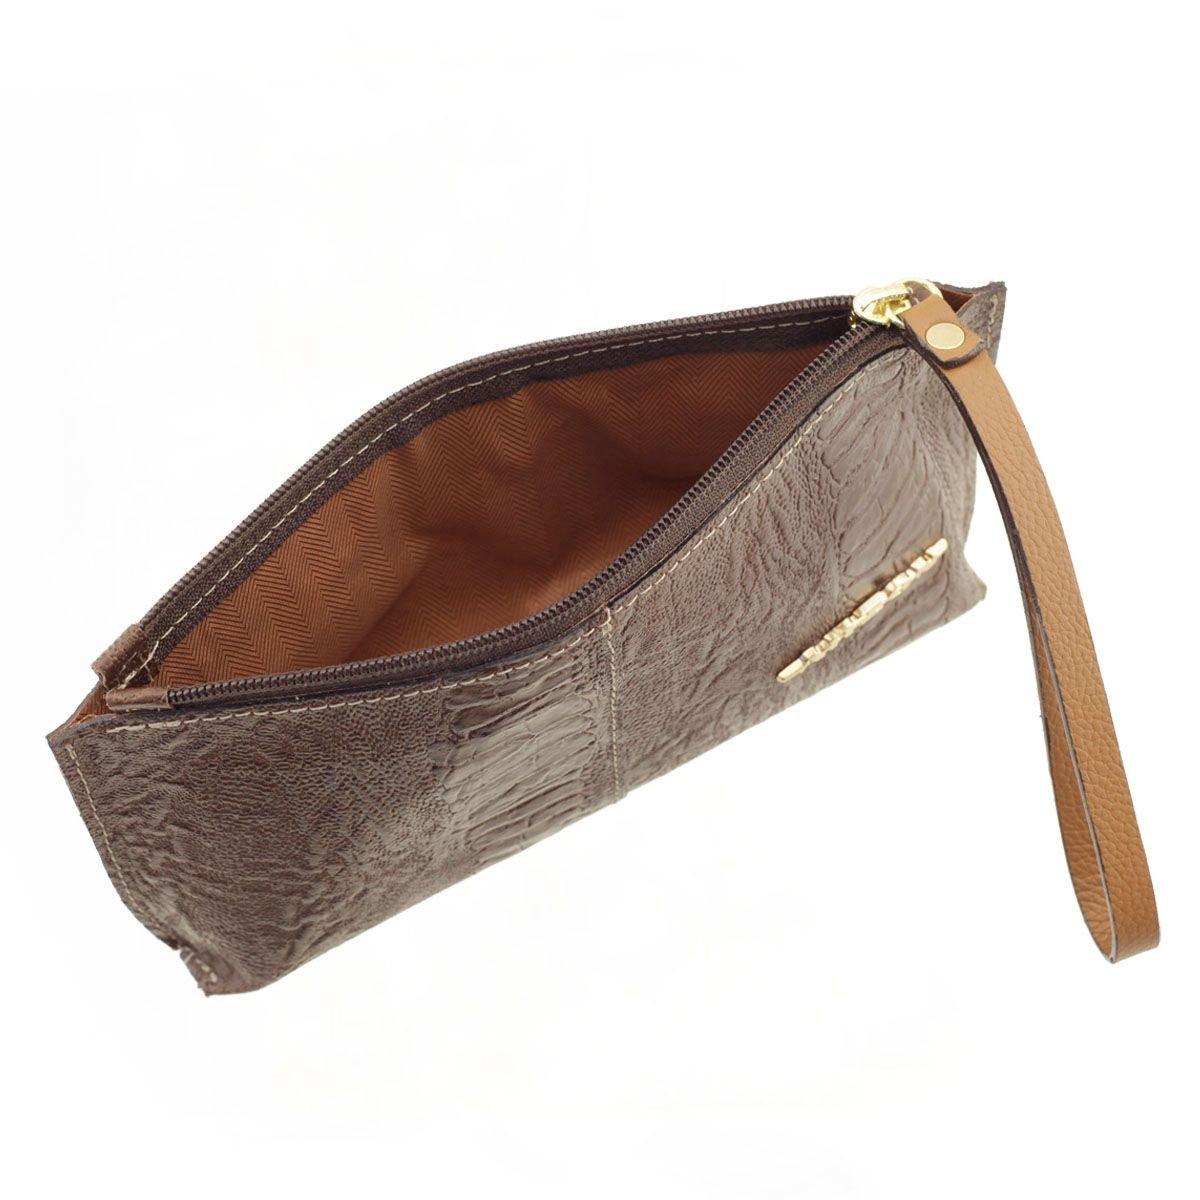 Bolsa de mão ou Necessaire com alça Chocolate